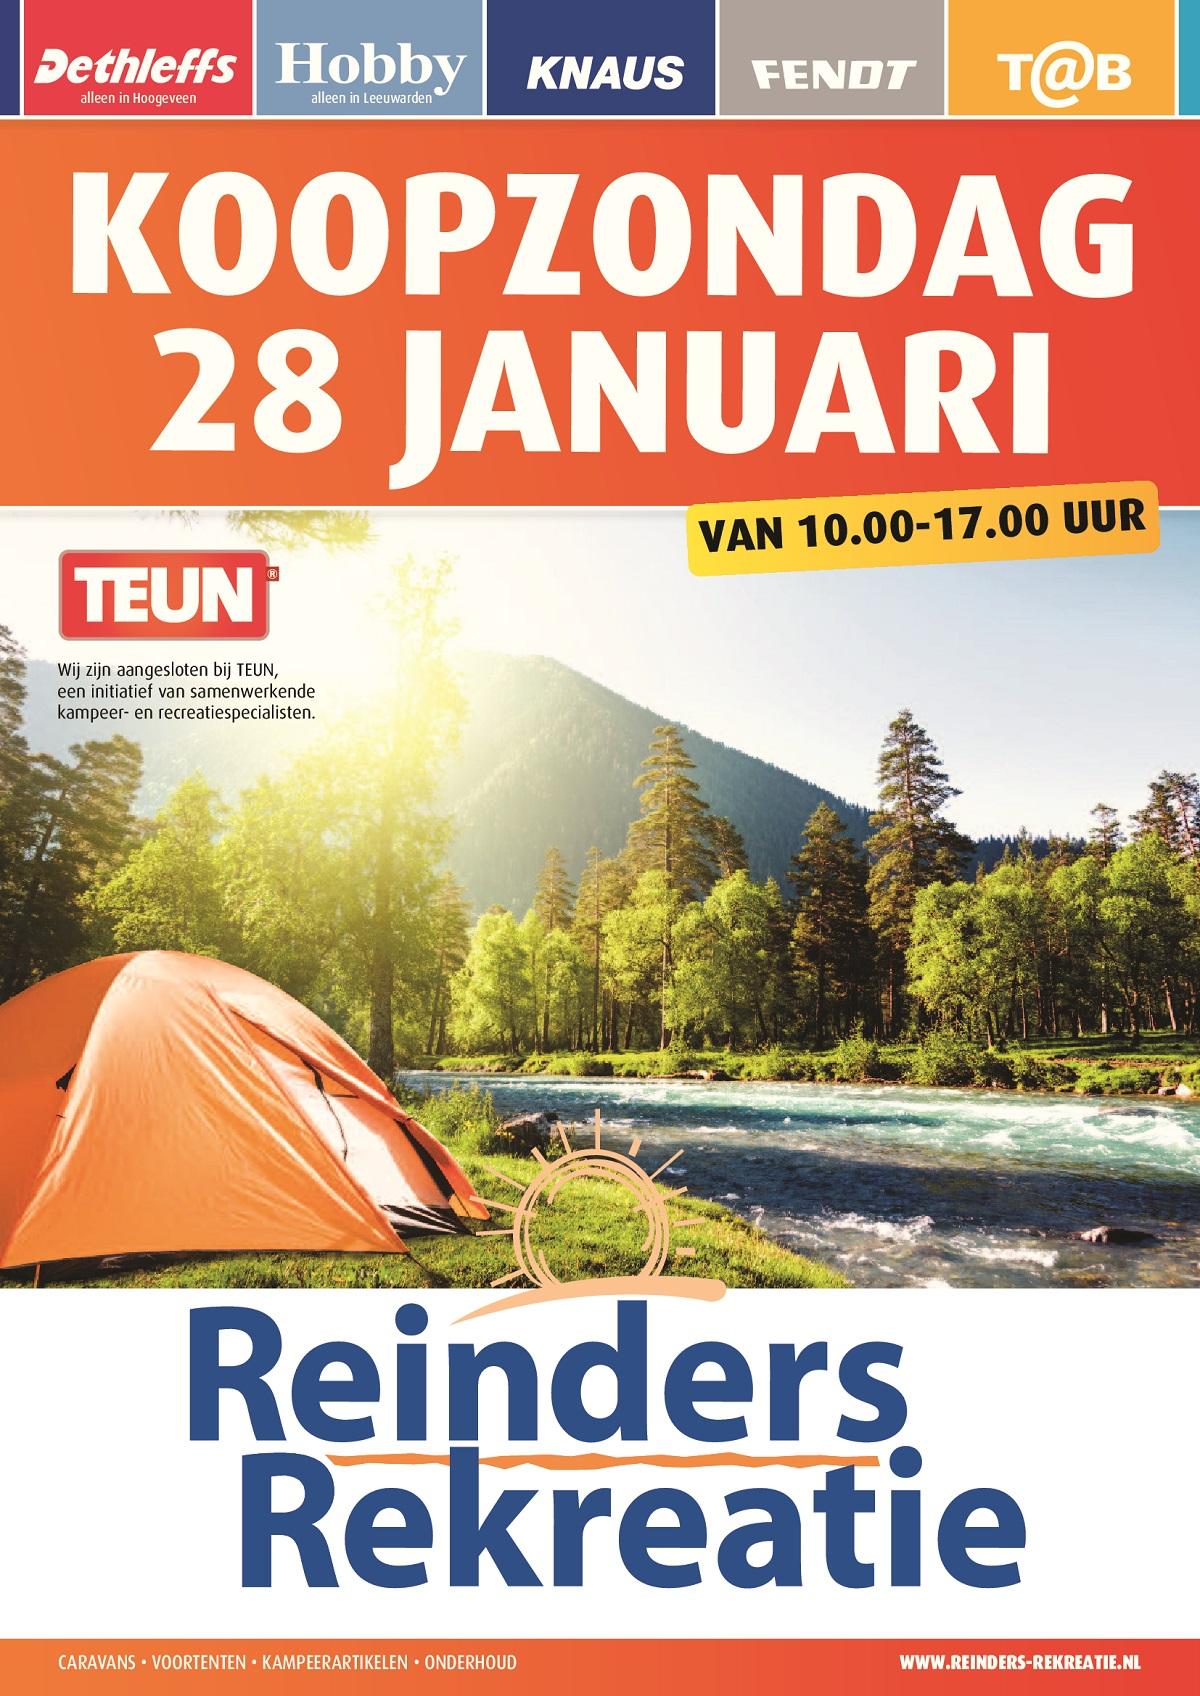 verkoopt stopcontact online anders koopzondag 28 januari - Reinders Rekreatie